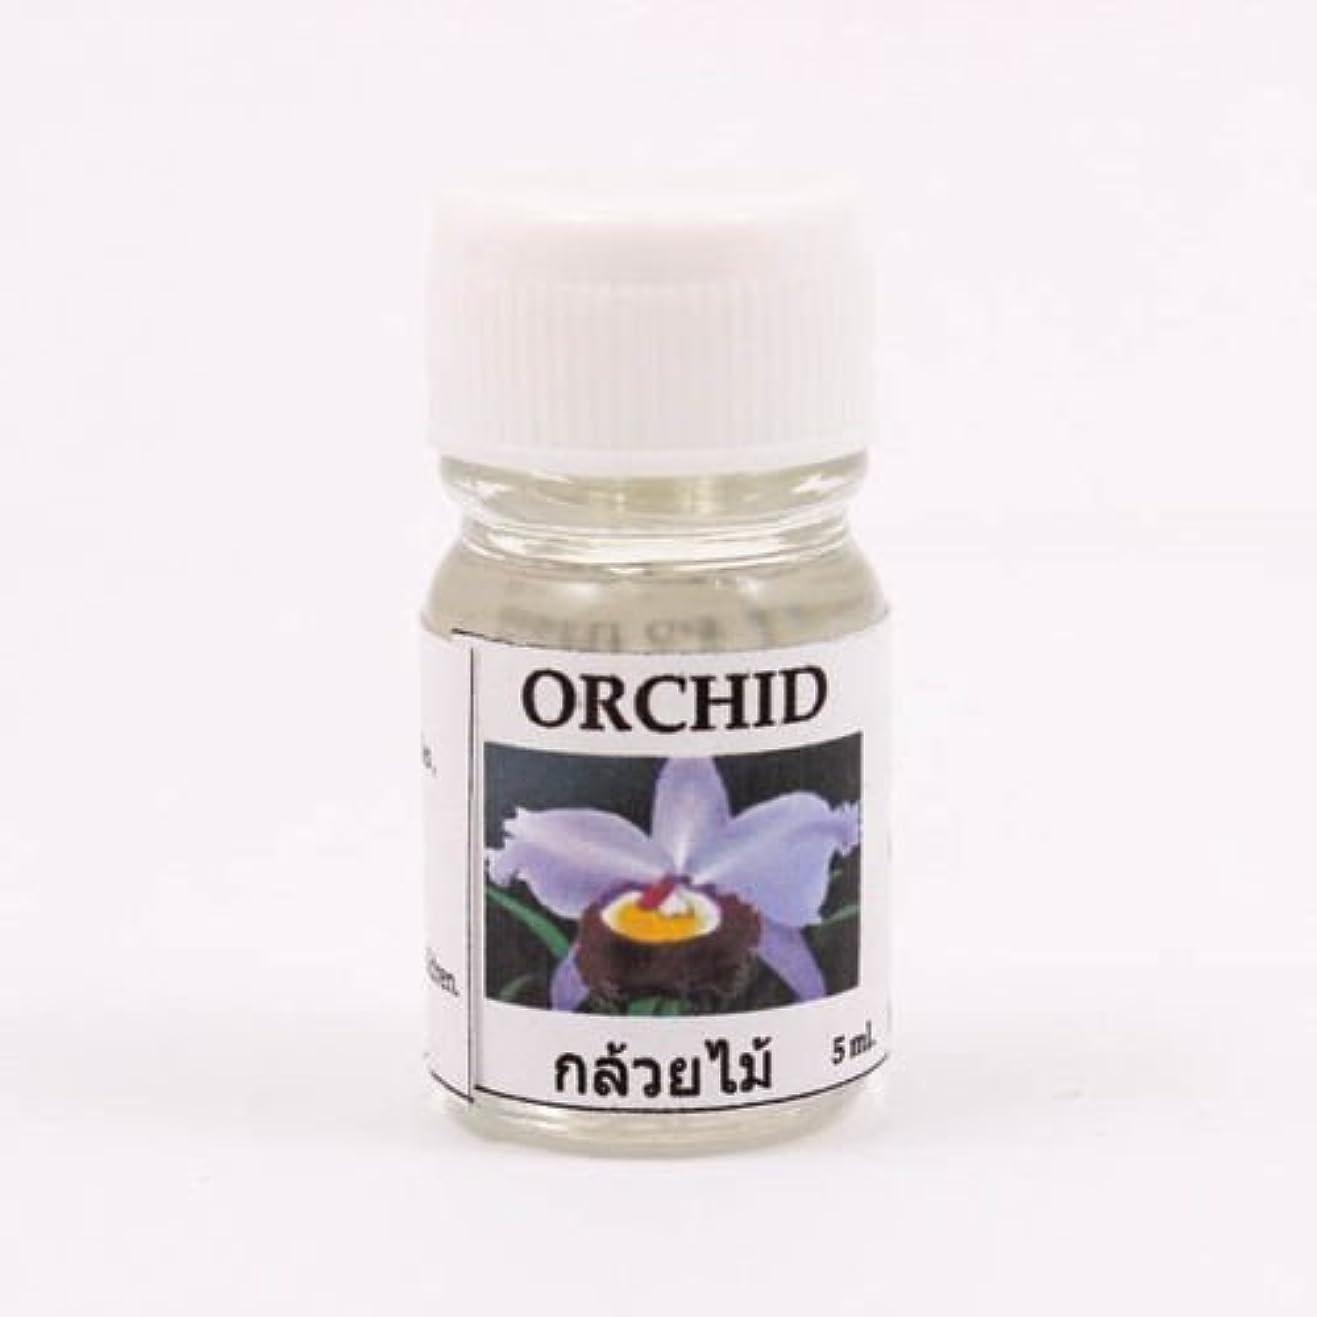 開発聖職者どうやって6X Orchid Aroma Fragrance Essential Oil 5ML. (cc) Diffuser Burner Therapy